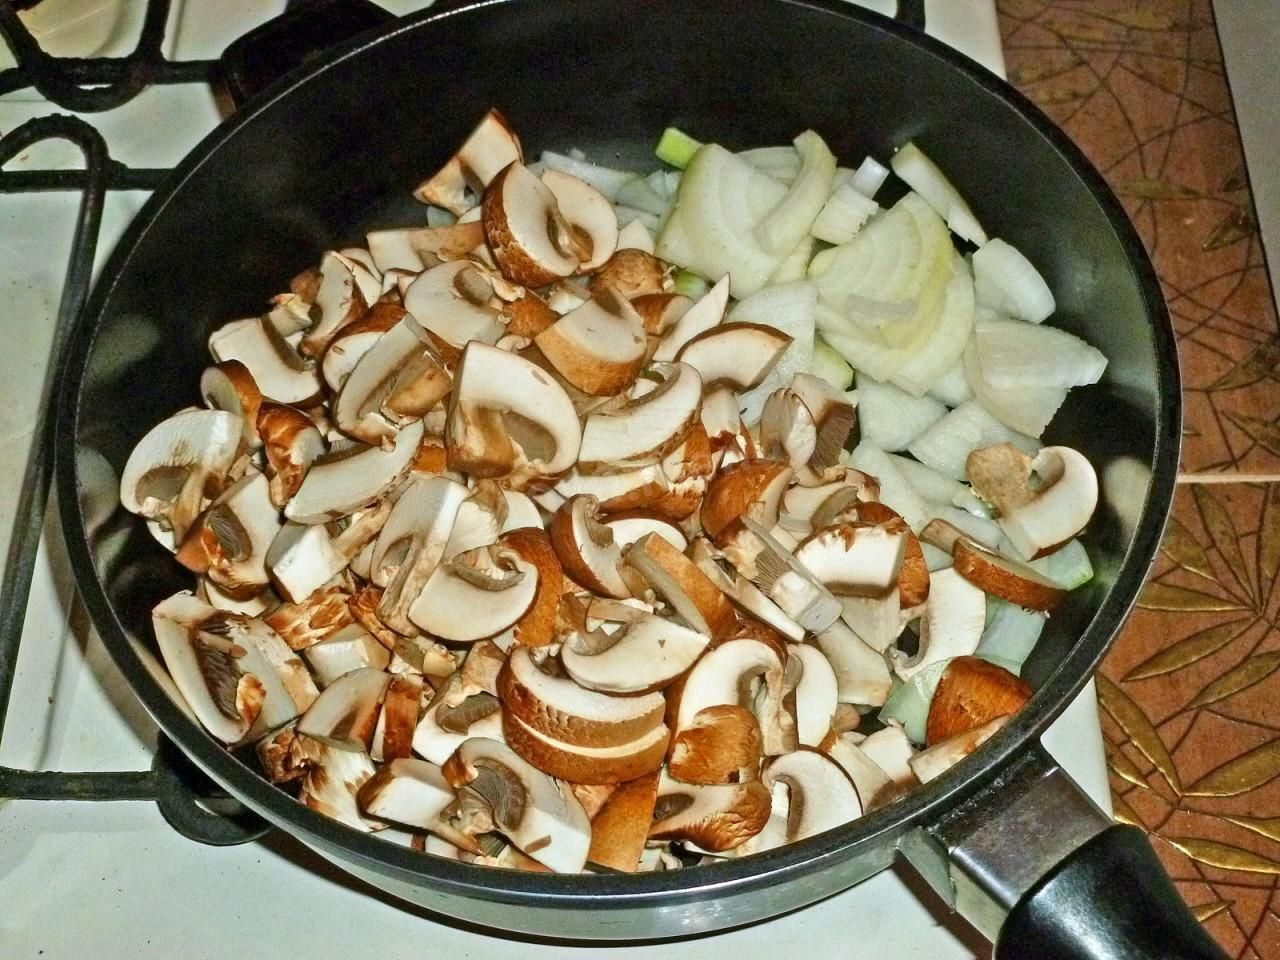 Салат с жареными шампиньонами и курицей - сытное блюдо для любого меню: рецепт с фото и видео